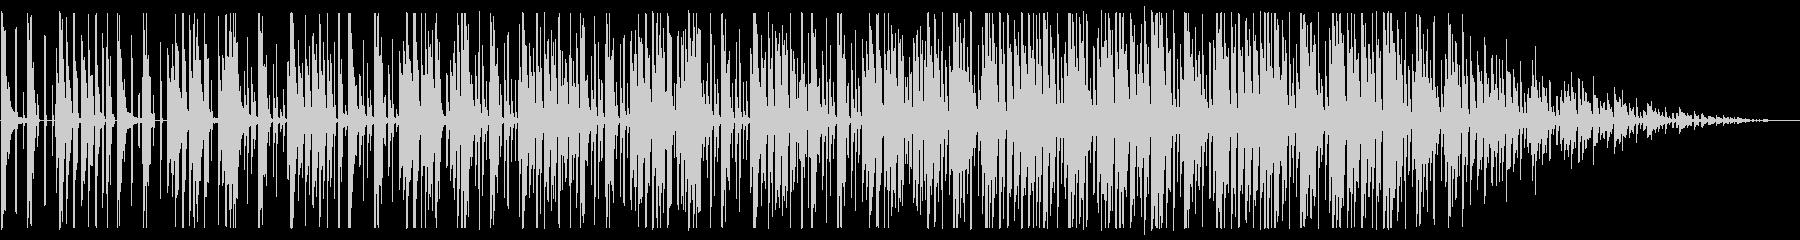 コミカル/ヒップホップ_No473_3の未再生の波形